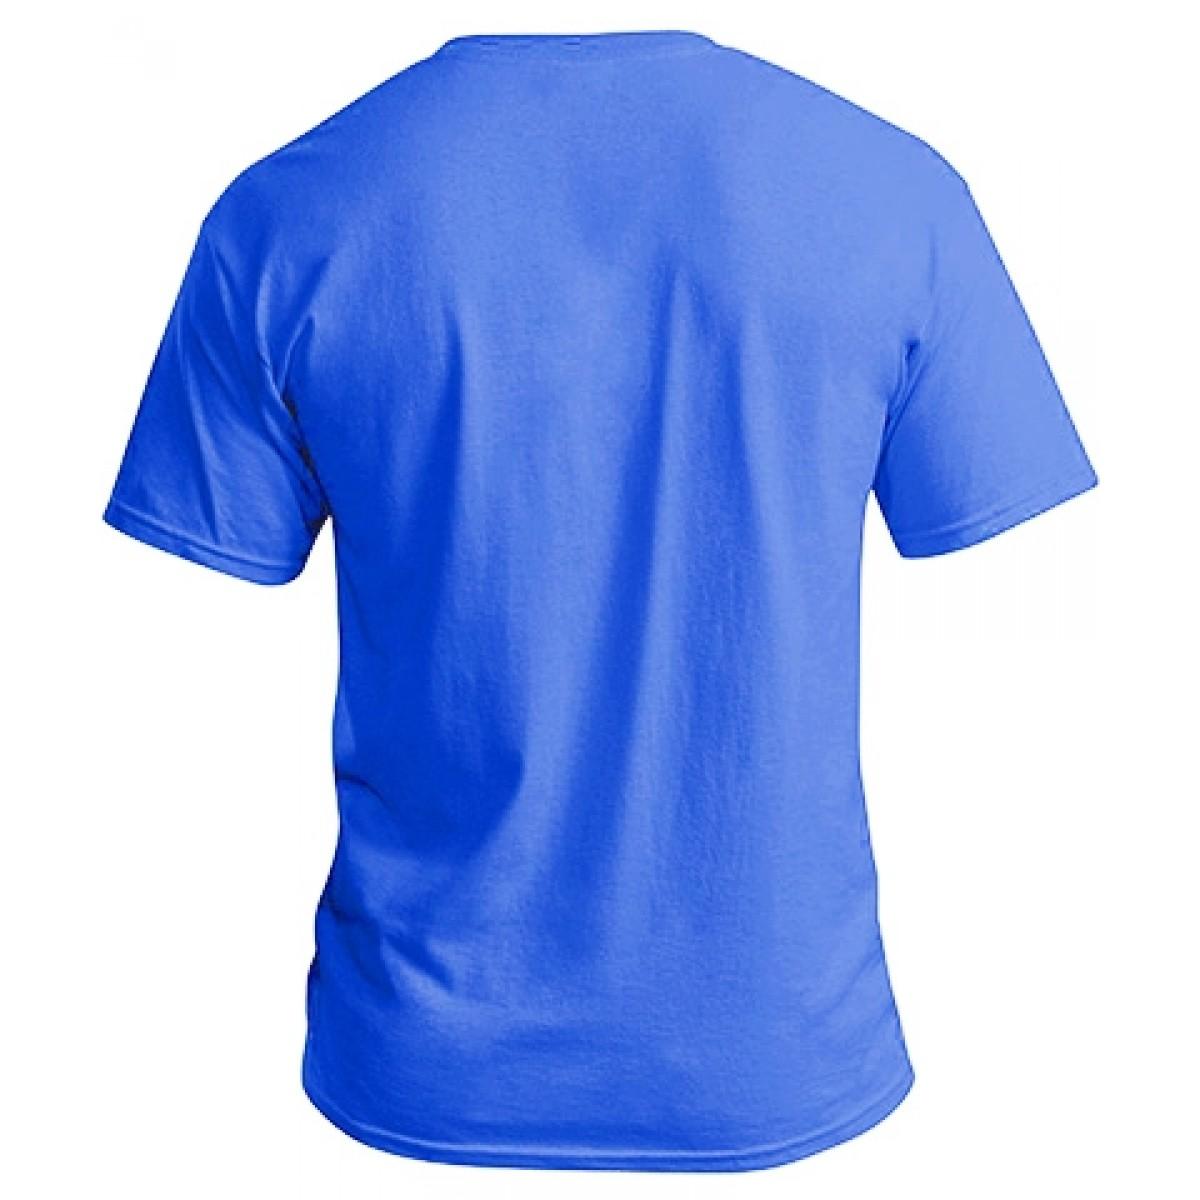 Soft 100% Cotton T-Shirt-Heather Blue-XL